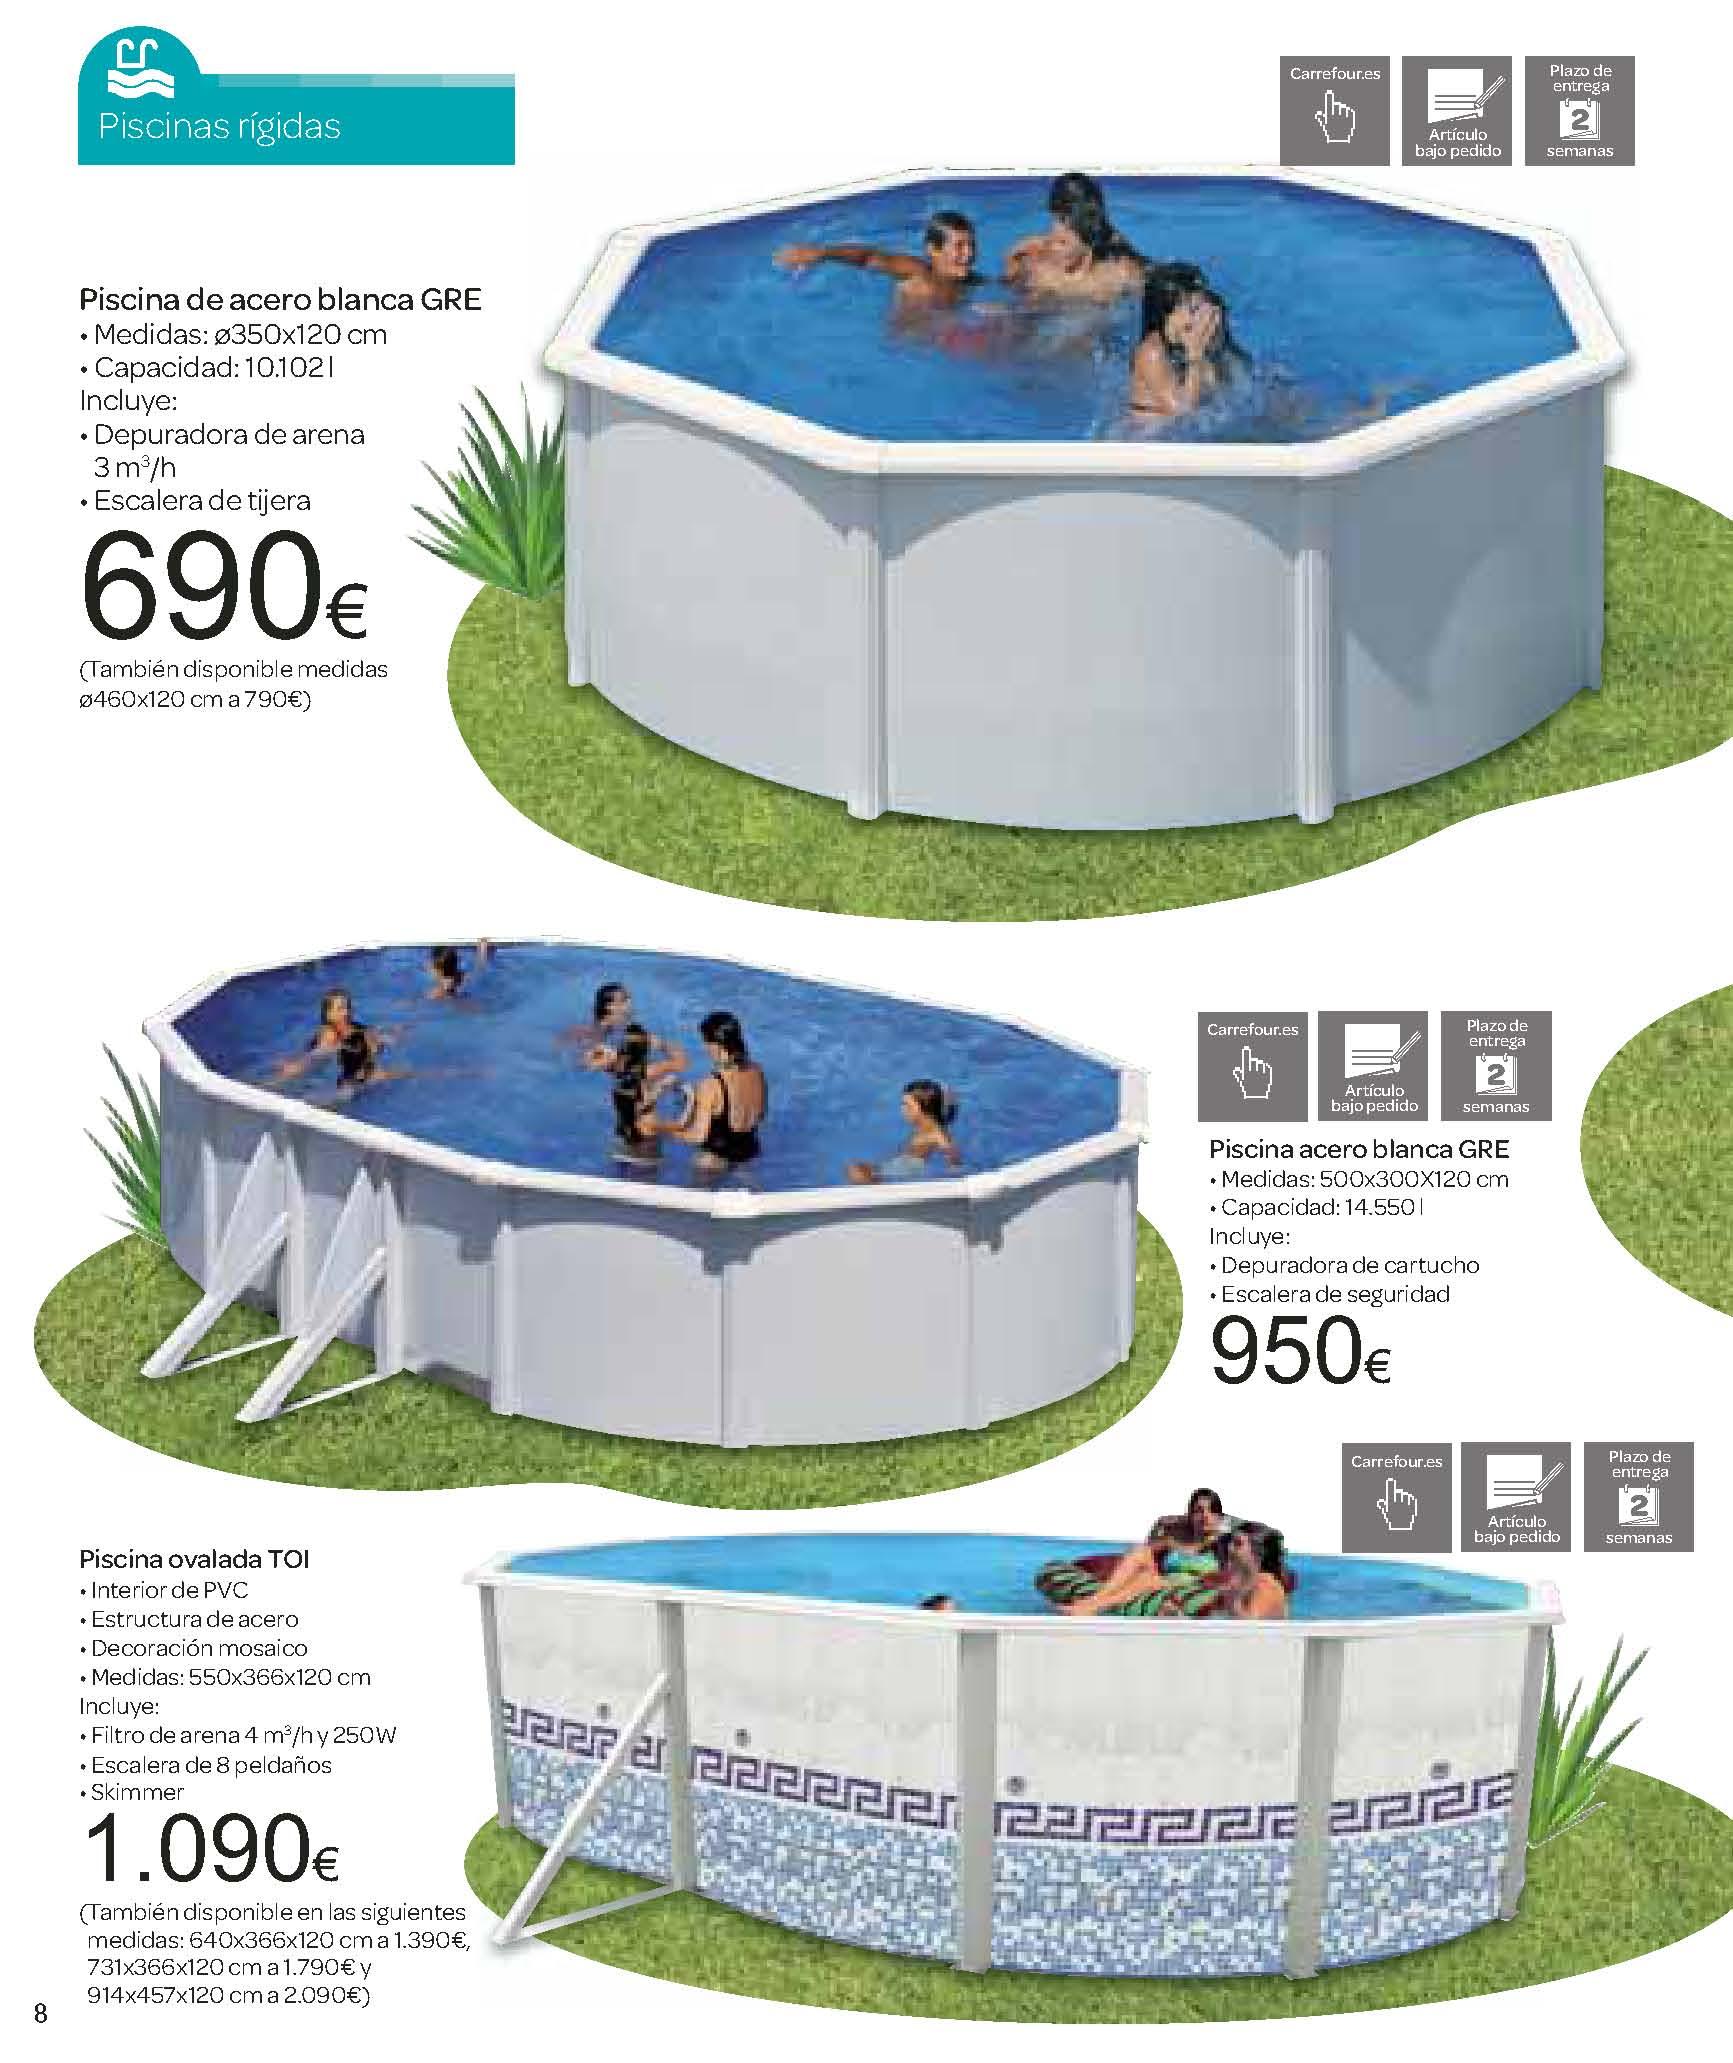 catalogo carrefour junio 2012 especial piscinas y jardin On catalogo carrefour piscinas